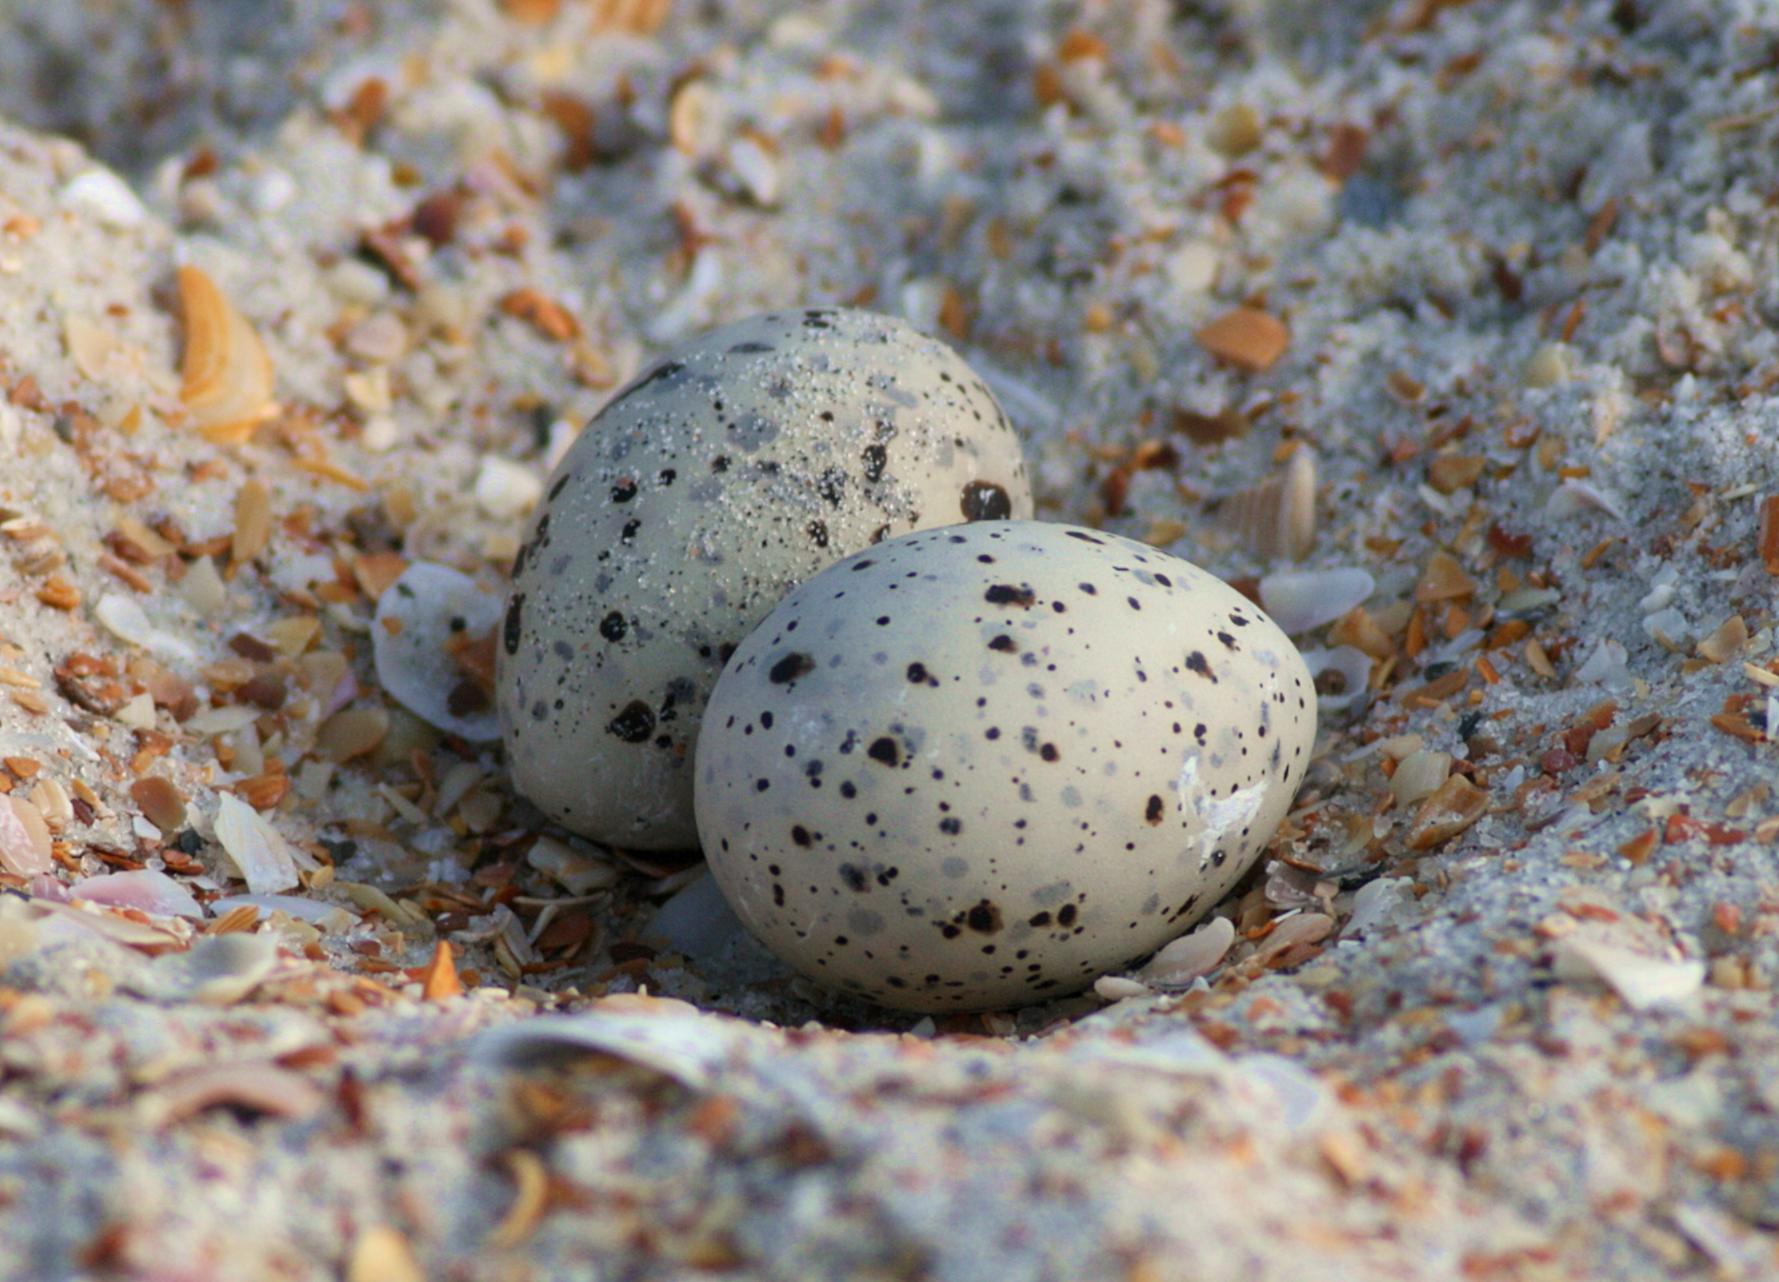 least-tern-eggs_7023839339_o.jpg